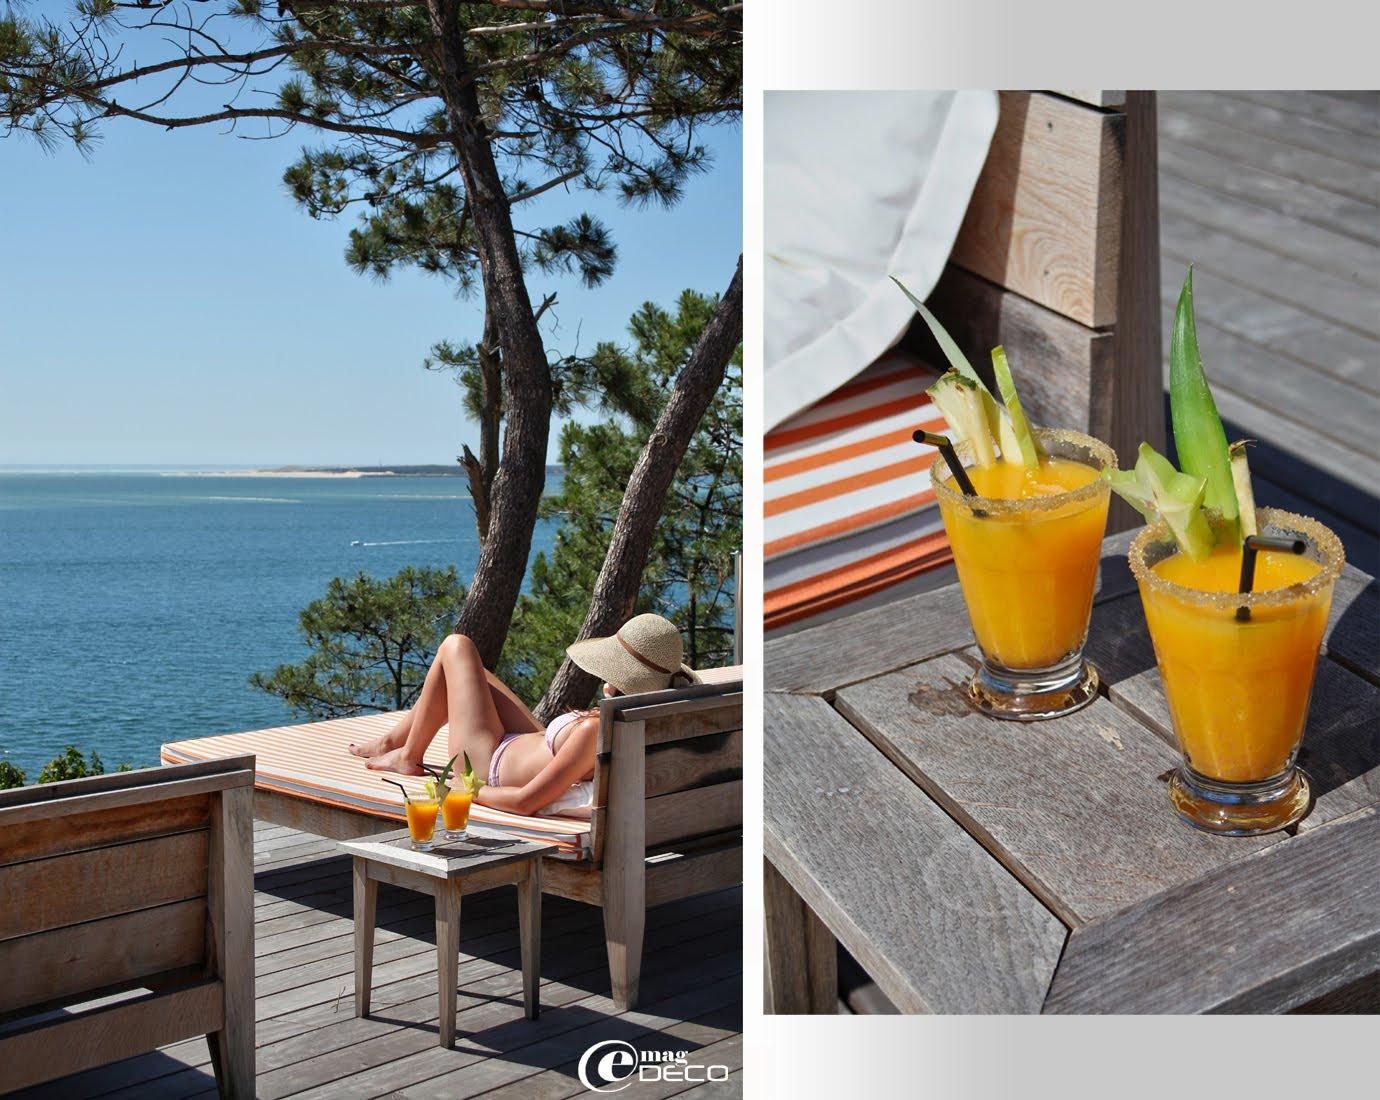 Vue de la piscine et sa terrasse en bois, l'embouchure du Bassin d'Arcachon et la pointe du Cap Ferret